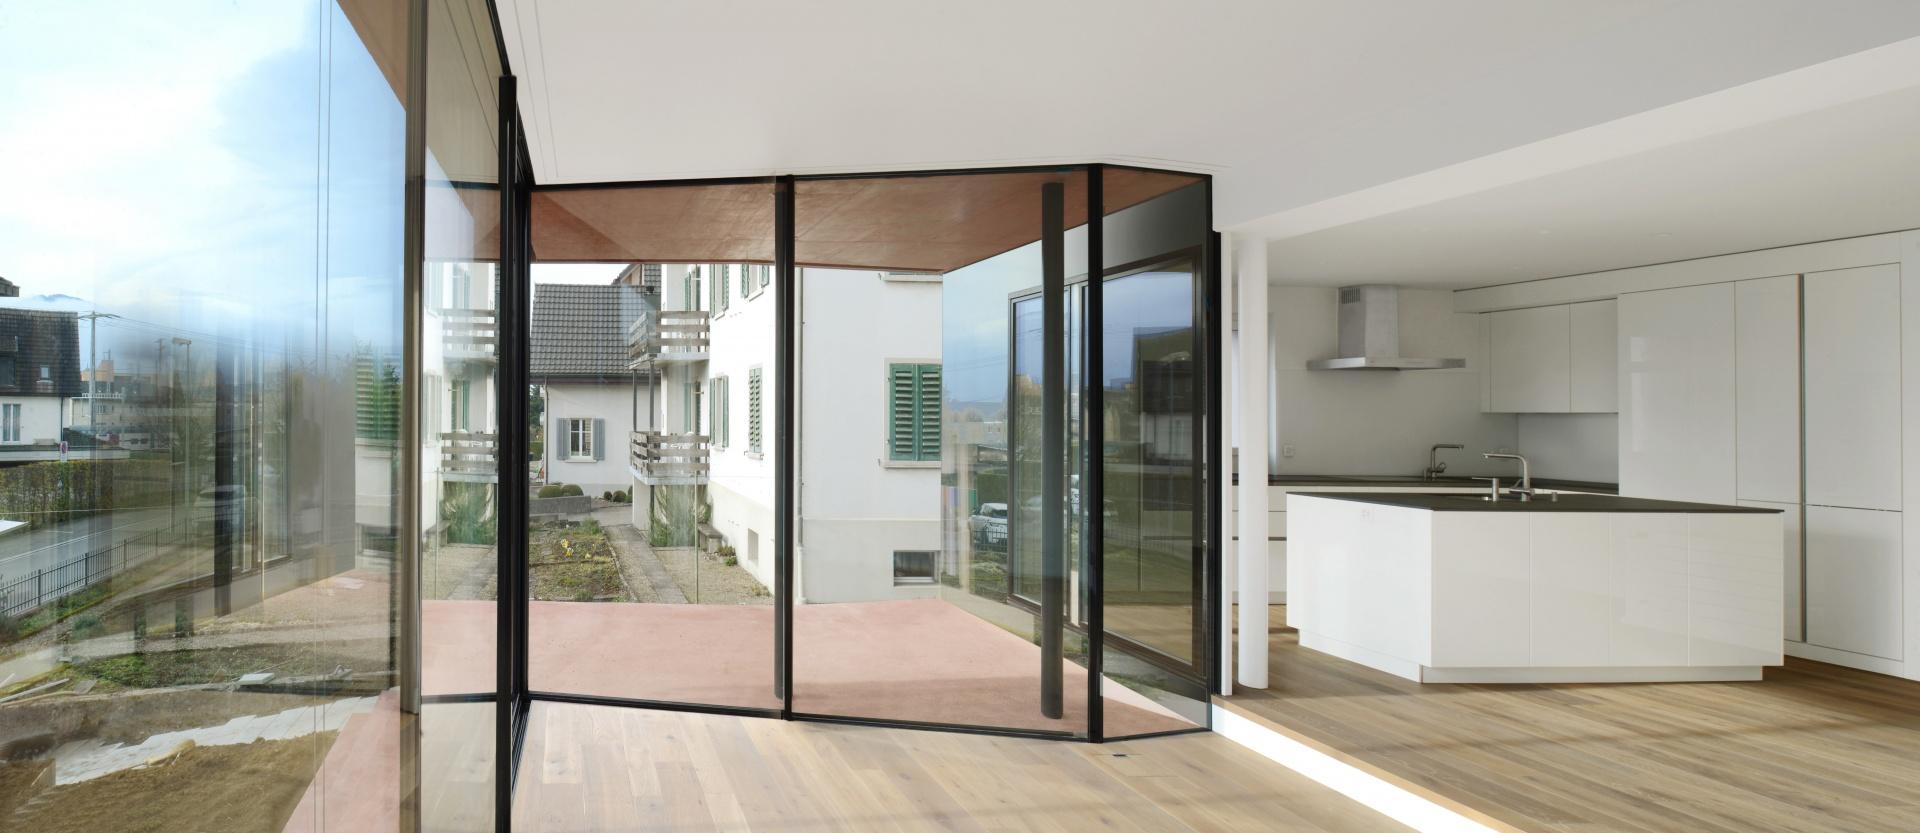 Wohnen-Terrasse © Daluz Gonzalez & Cajos Architekten